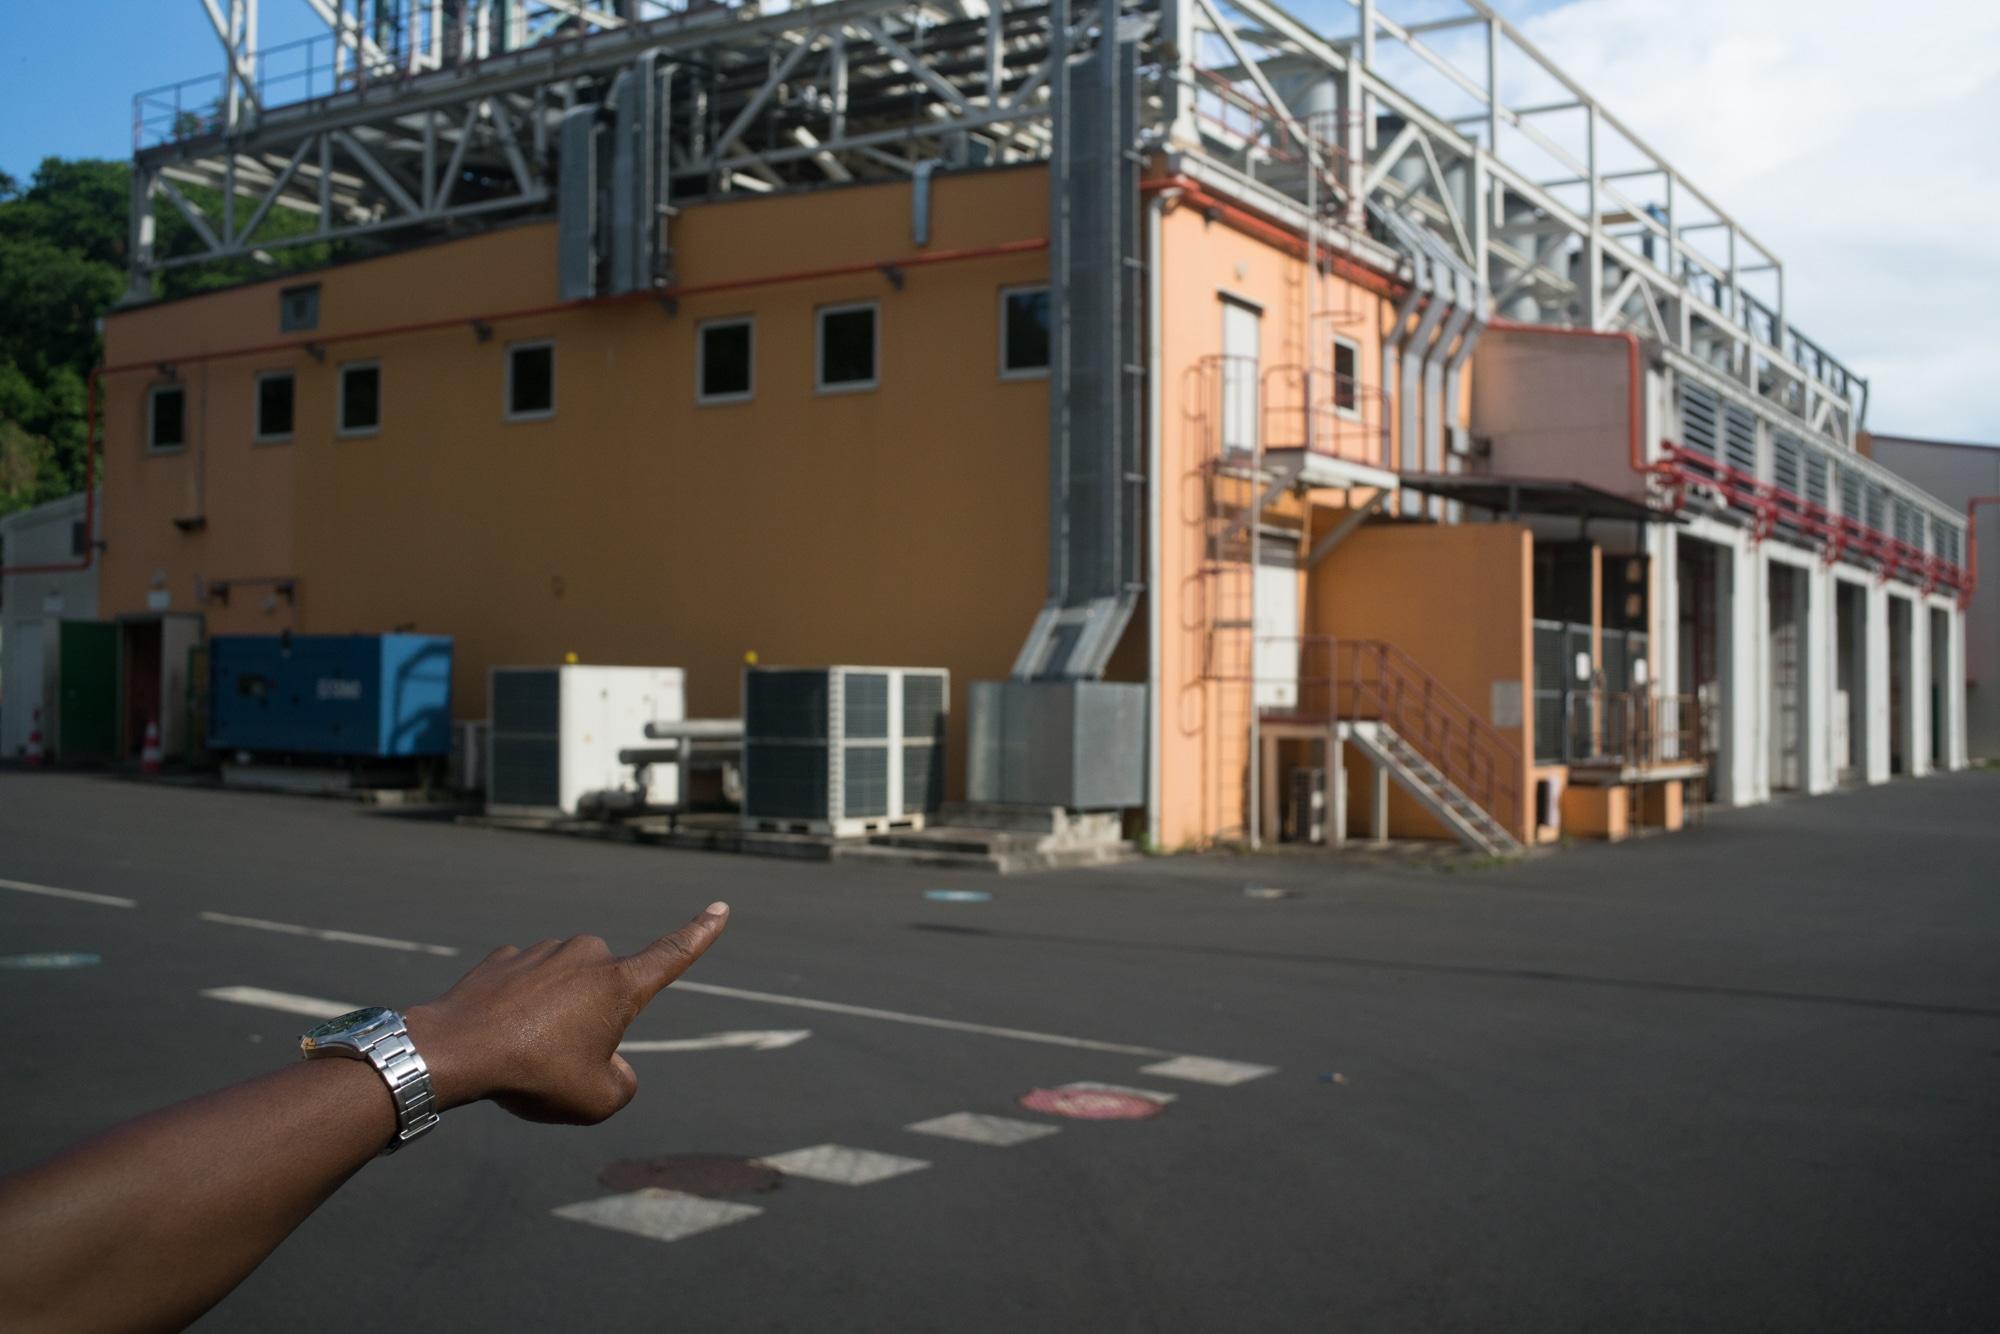 La main de Soihibou désigne un bâtiment surmonté de structures en métal.